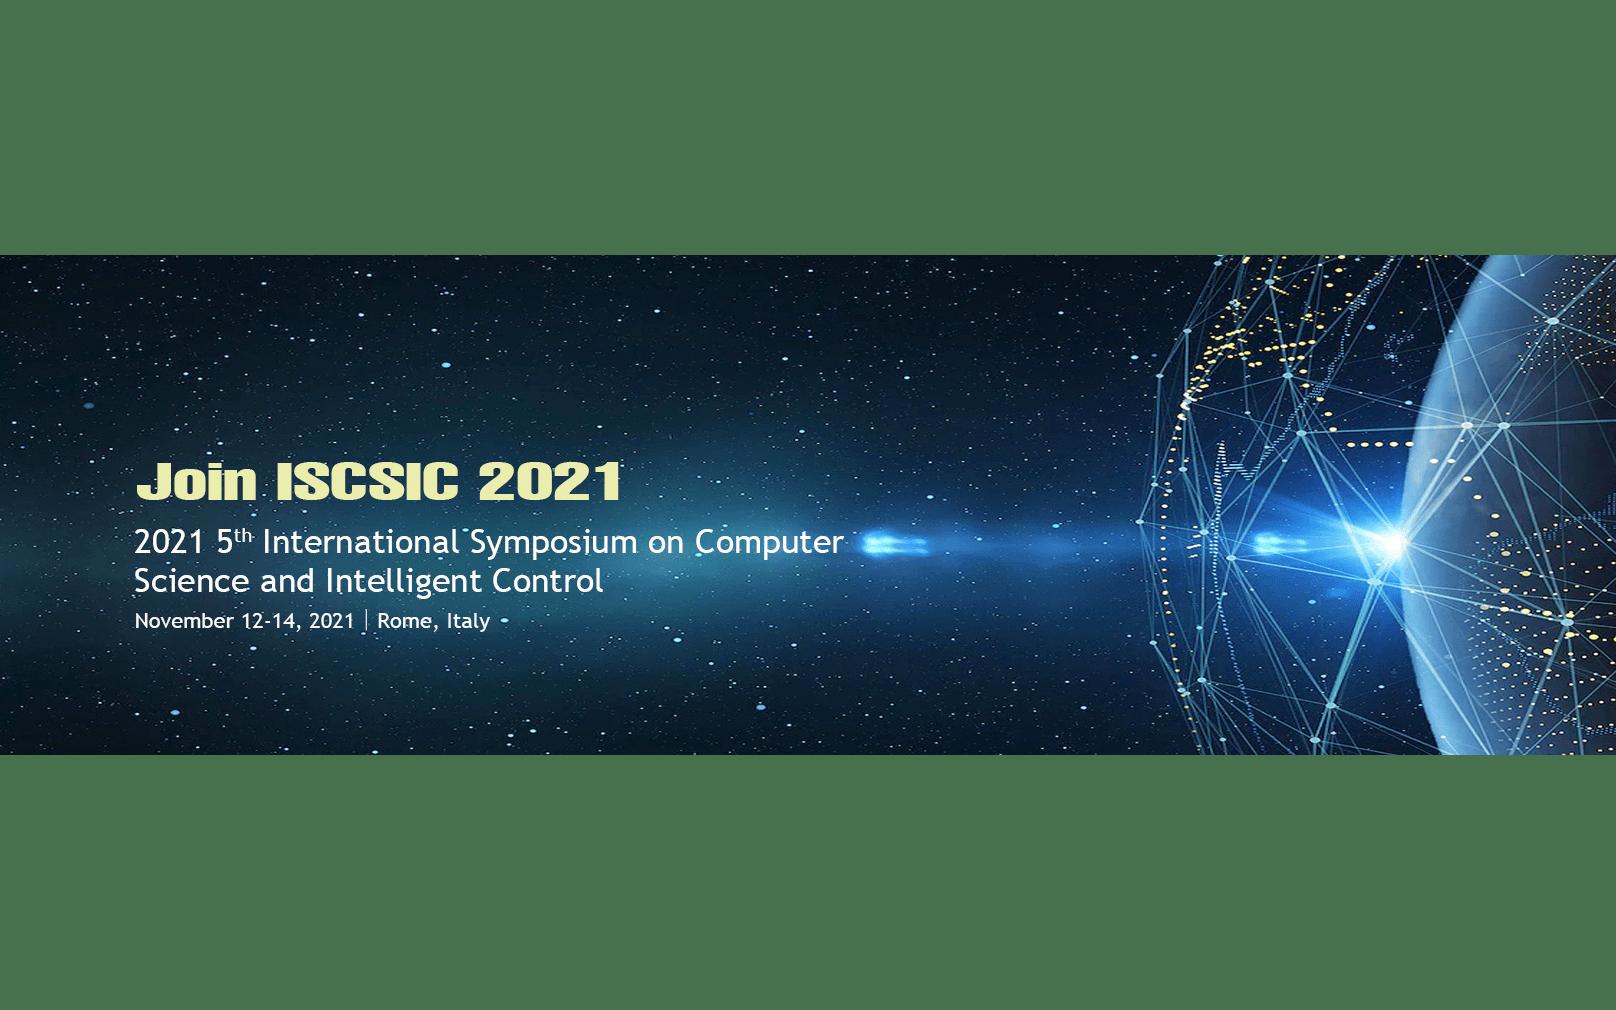 2021年第五届计算机科学与智能控制国际会议(ISCSIC 2021) EI检索